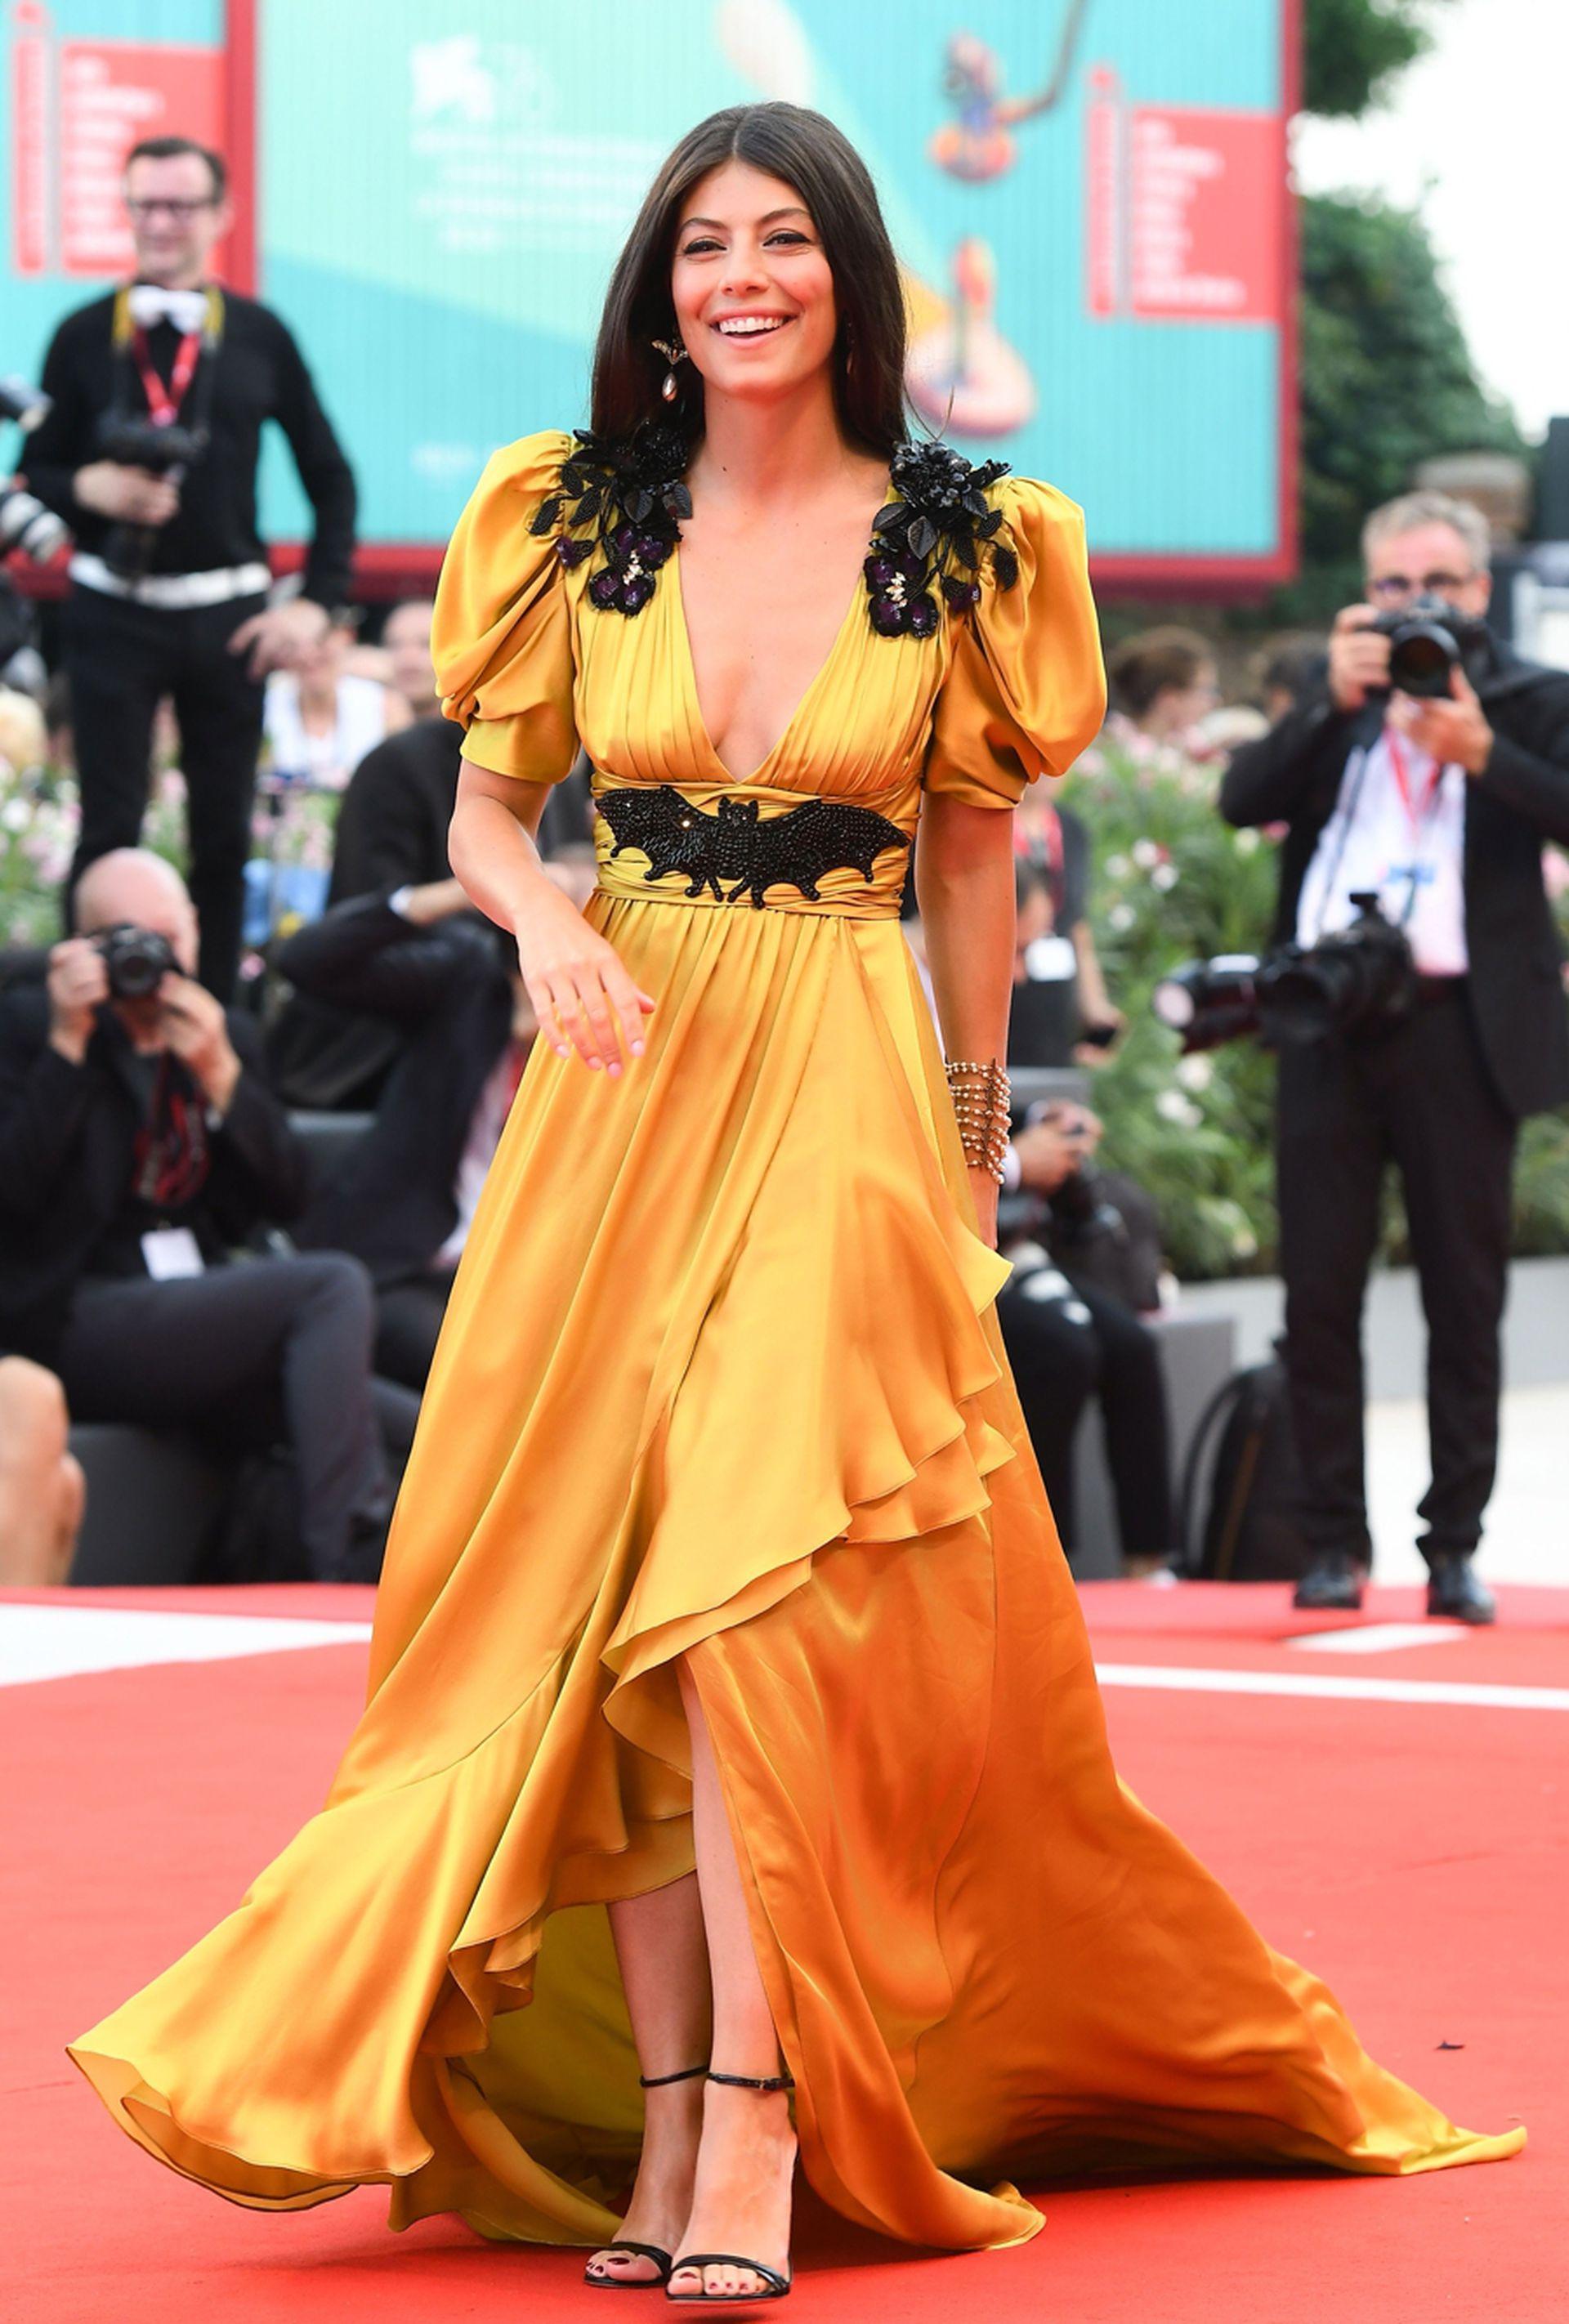 La actriz italiana Alessandra Mastronardi sorprendió con un vestido de Gucci con un curioso detalle en su cintura: el característico símbolo de Batman